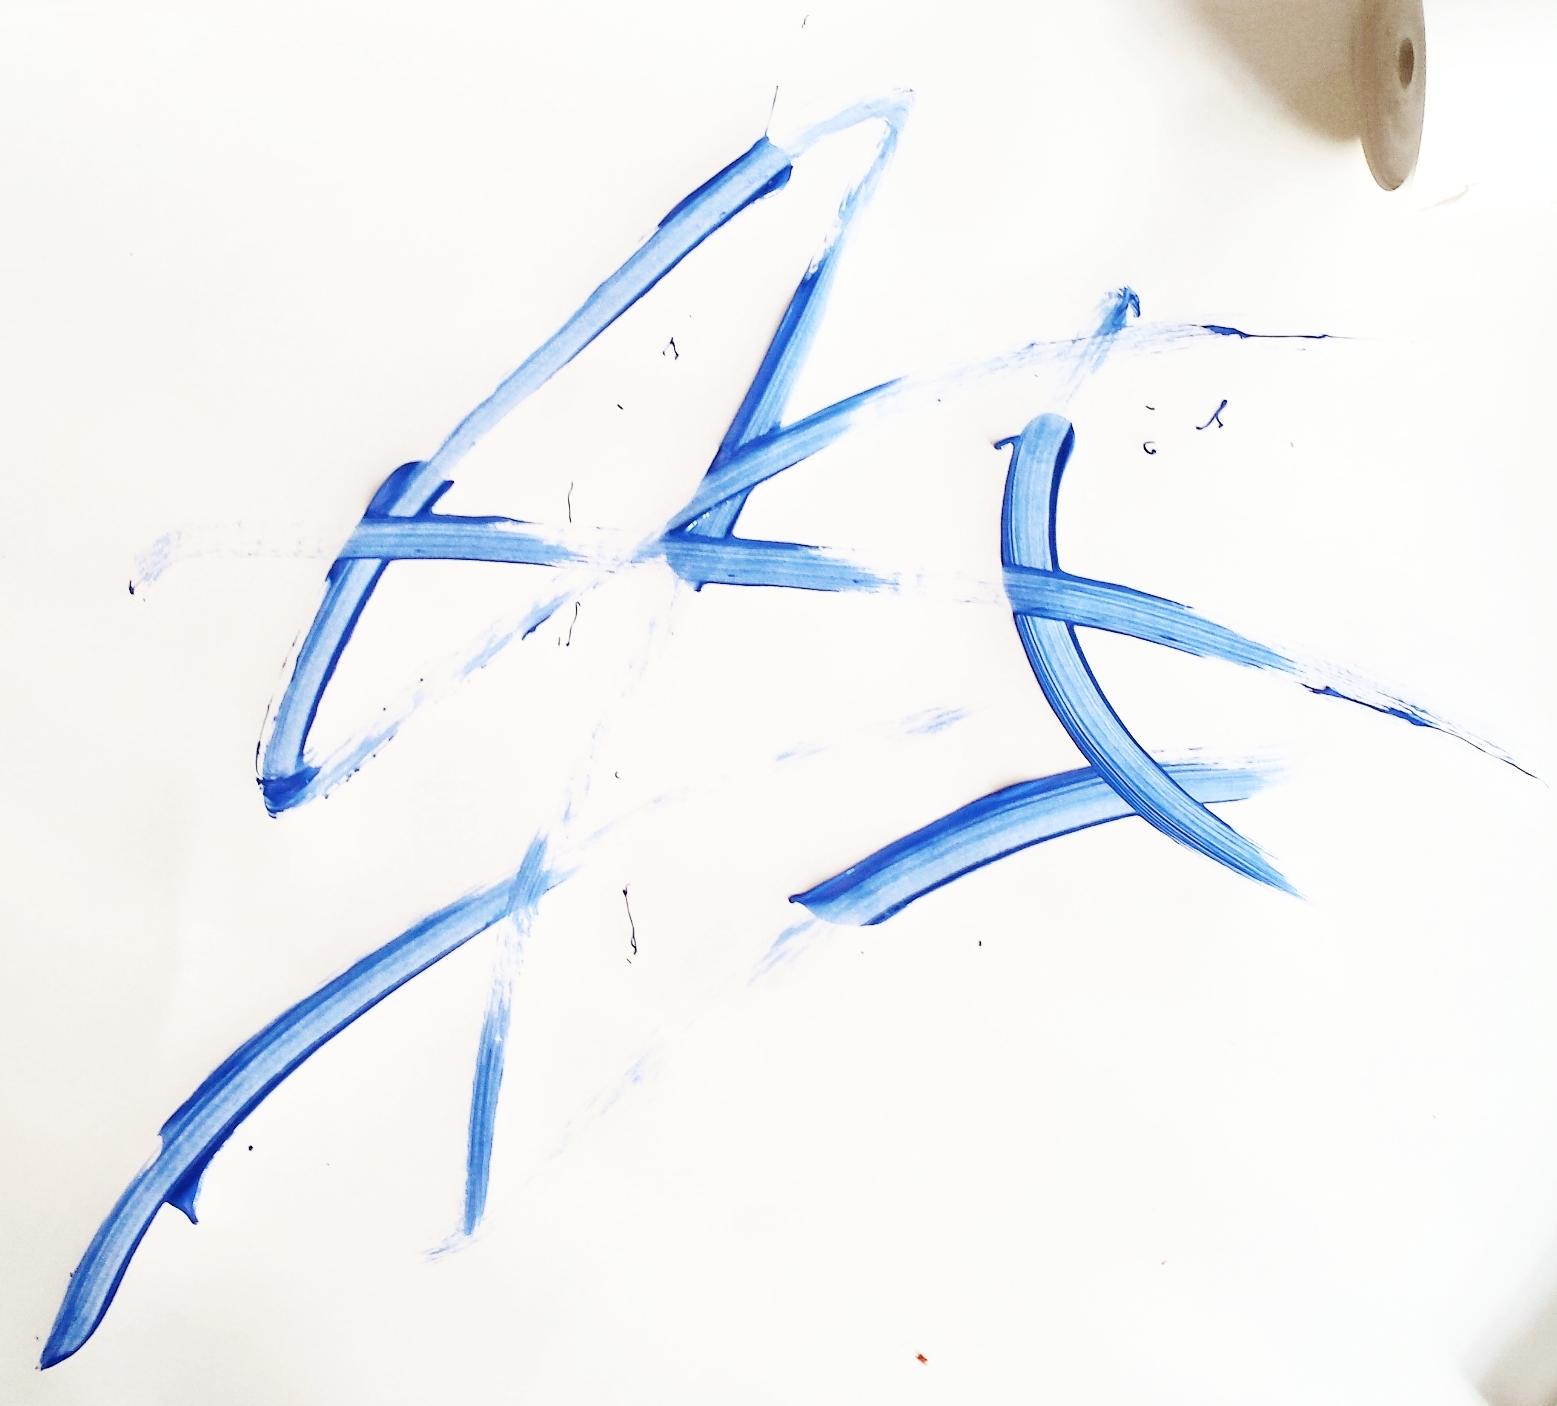 20160221_152812.JPG